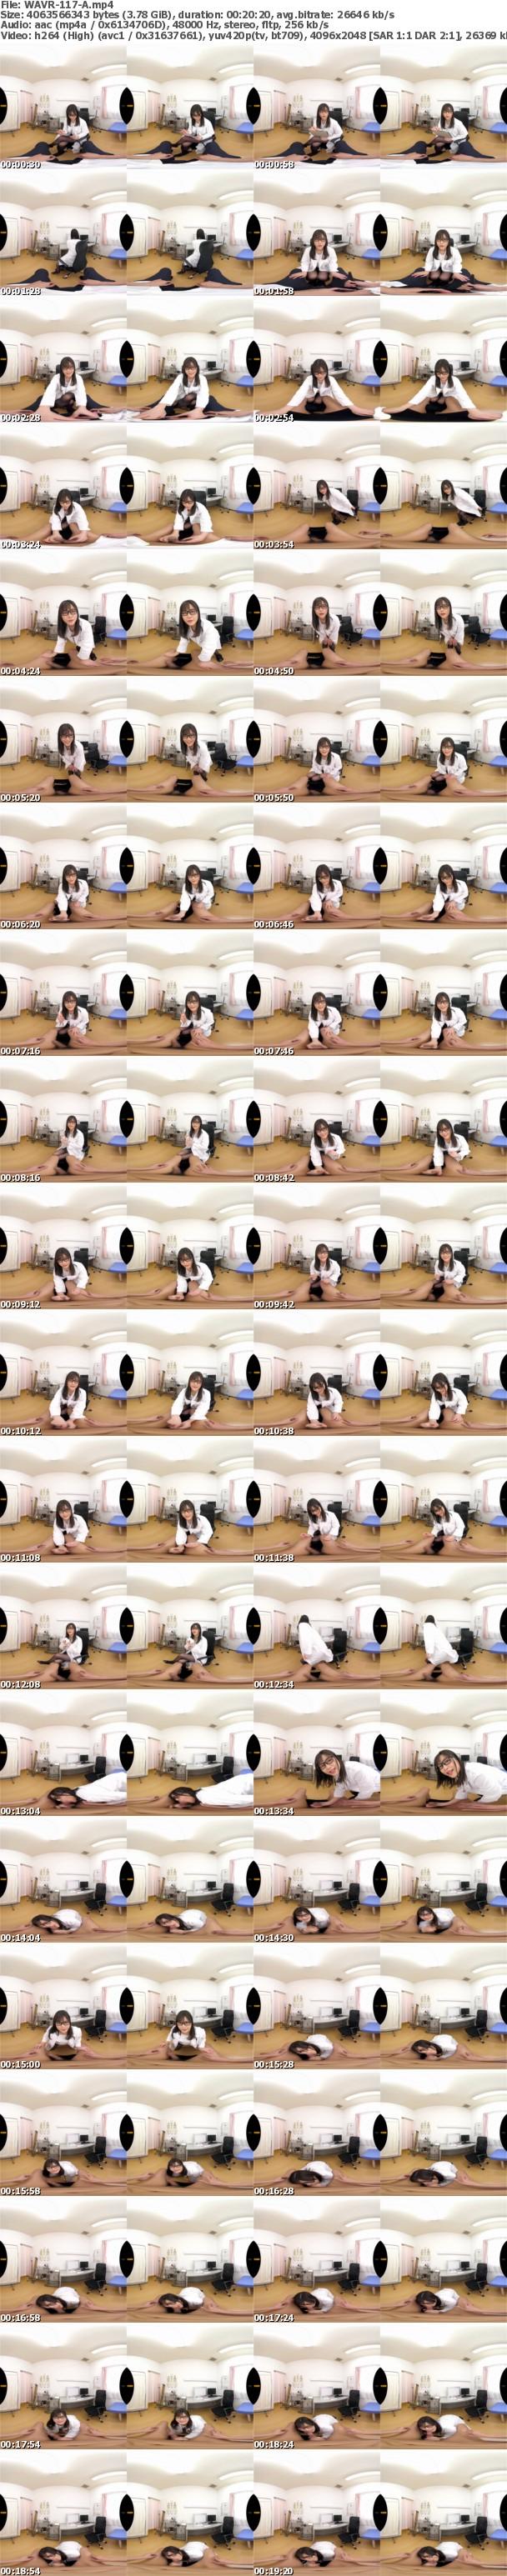 (VR) WAVR-117 ドクターSEX!泌尿器科医・奏音かのんが問診(コミュニケーション)&実践(SEX)でアナタの性のお悩みな~んでも解決VR!! 早漏、包茎、ED、粗チン…!シモの悩みも女性へのケアもこれを見ればスッキリ集中治療体験VR!!